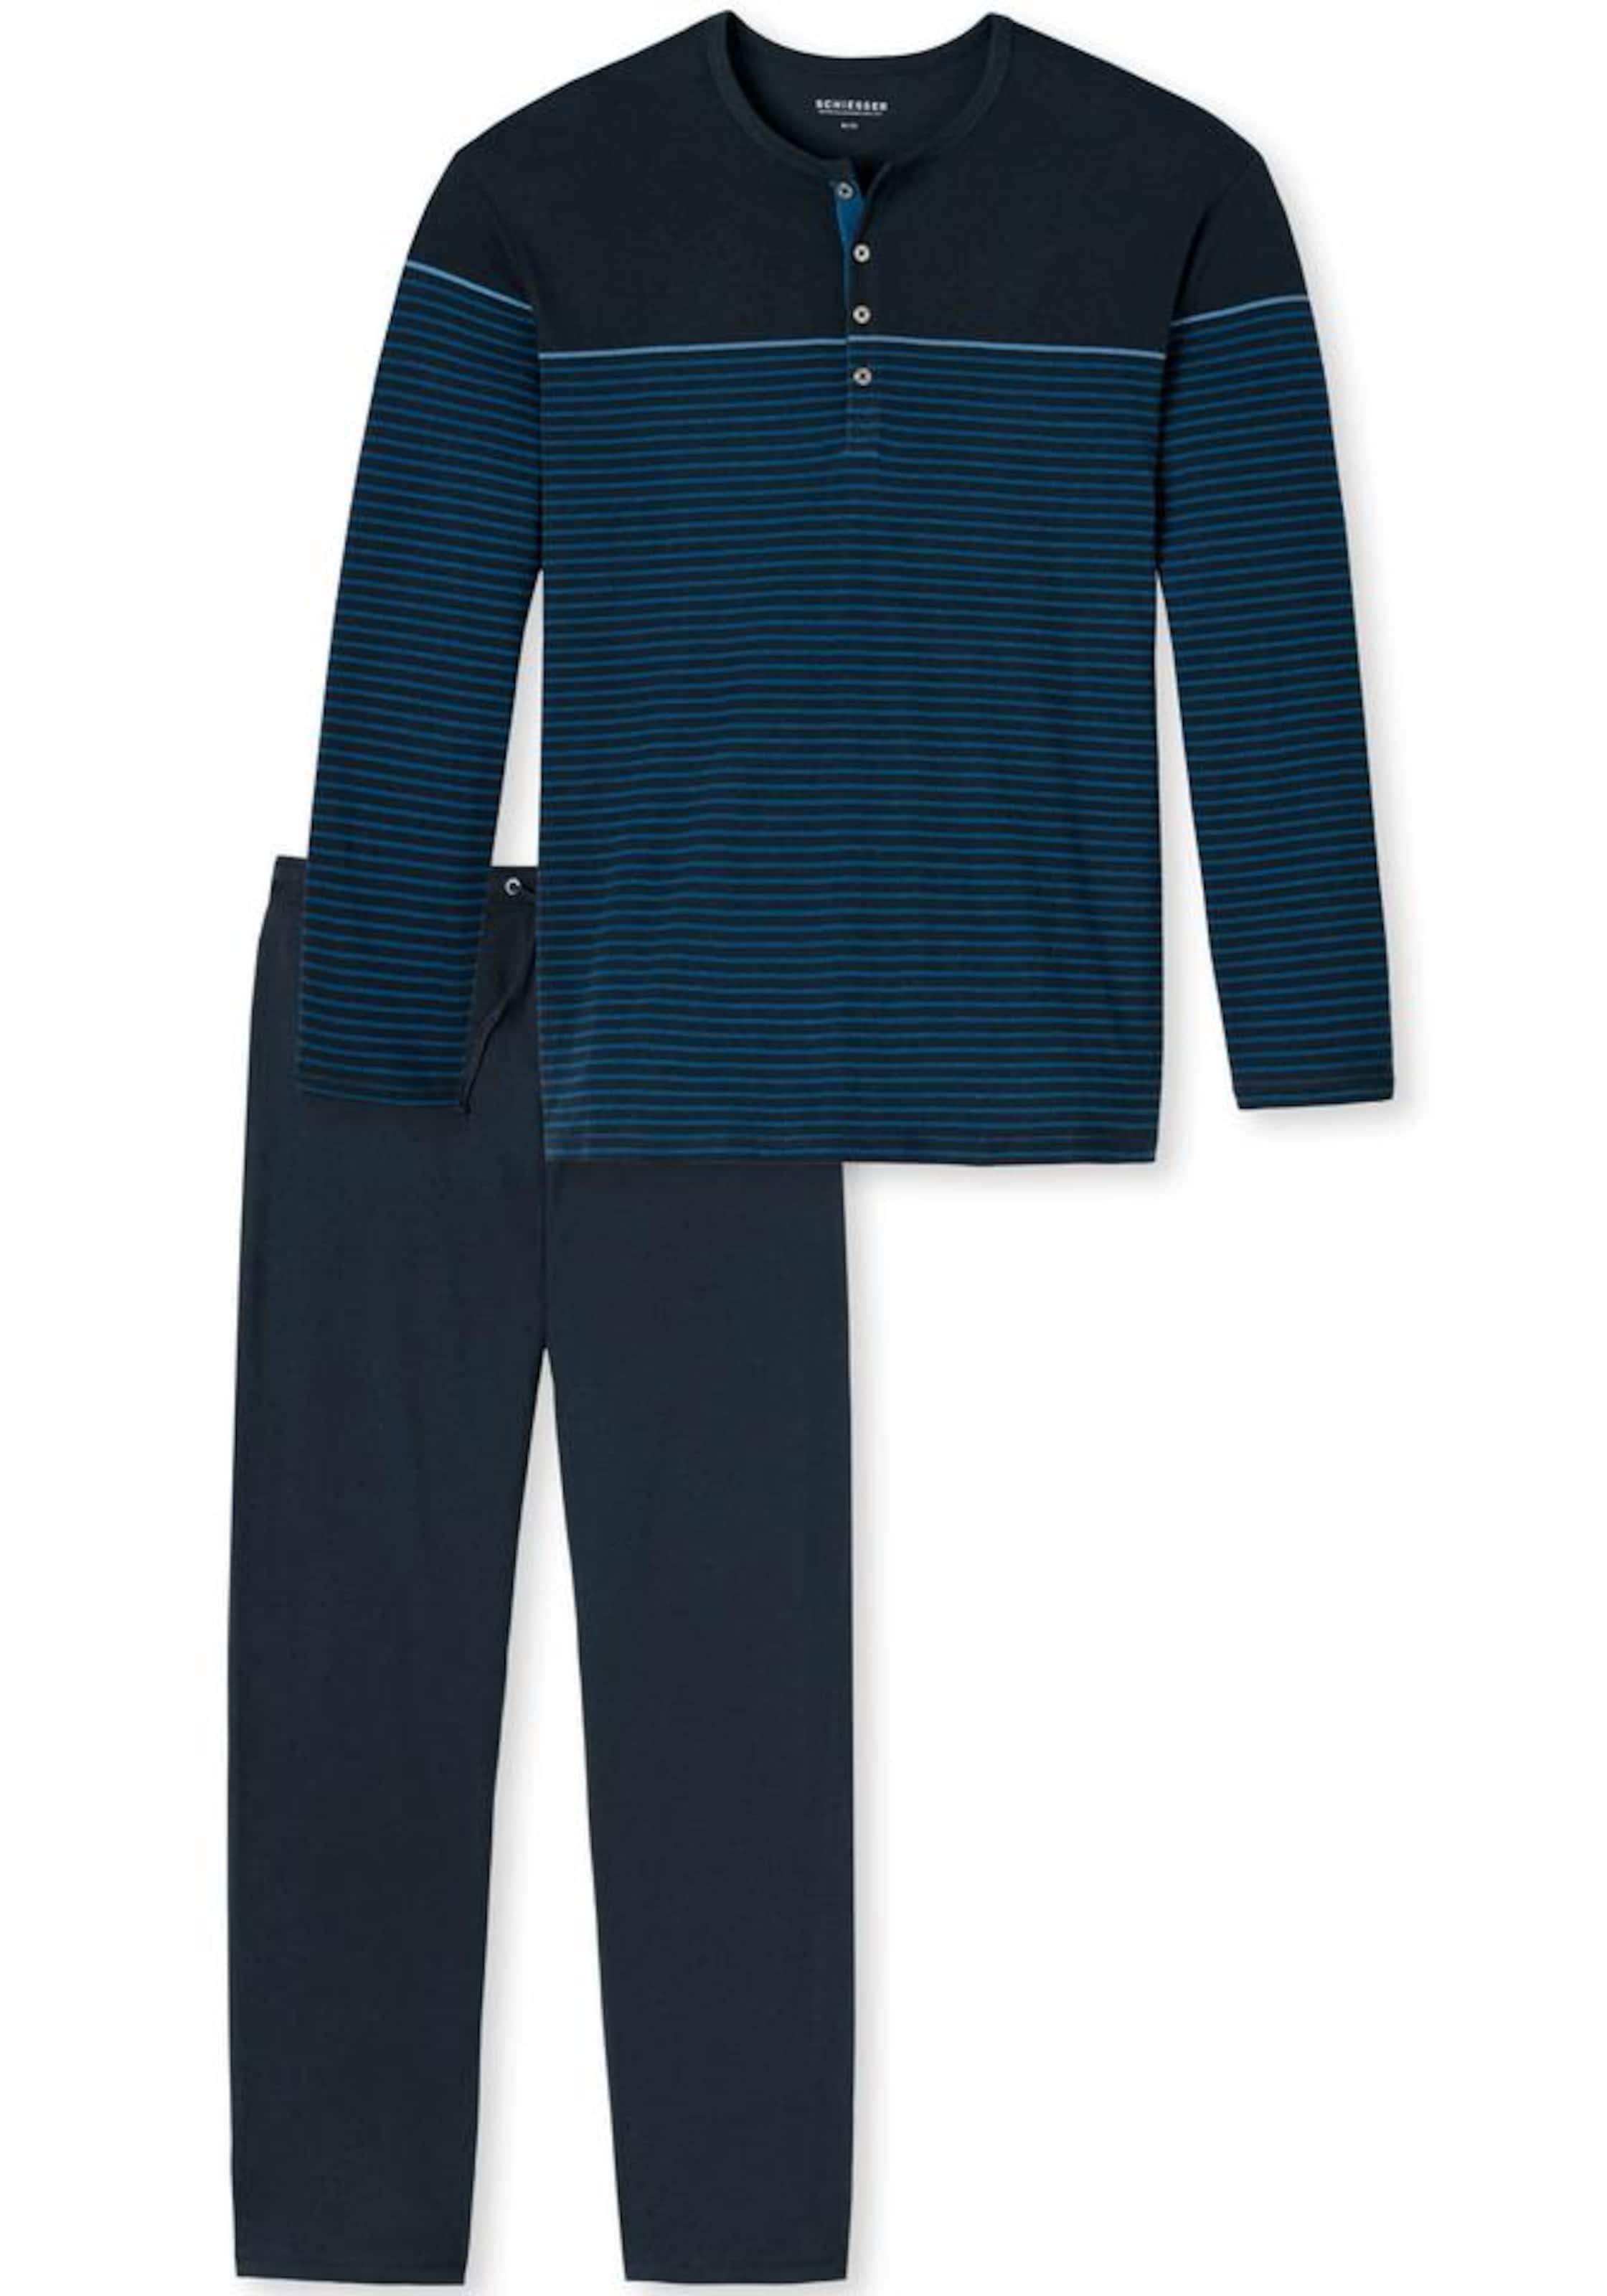 SCHIESSER Langer Pyjama Bestpreis Auslass Veröffentlichungstermine QgRotbxoy